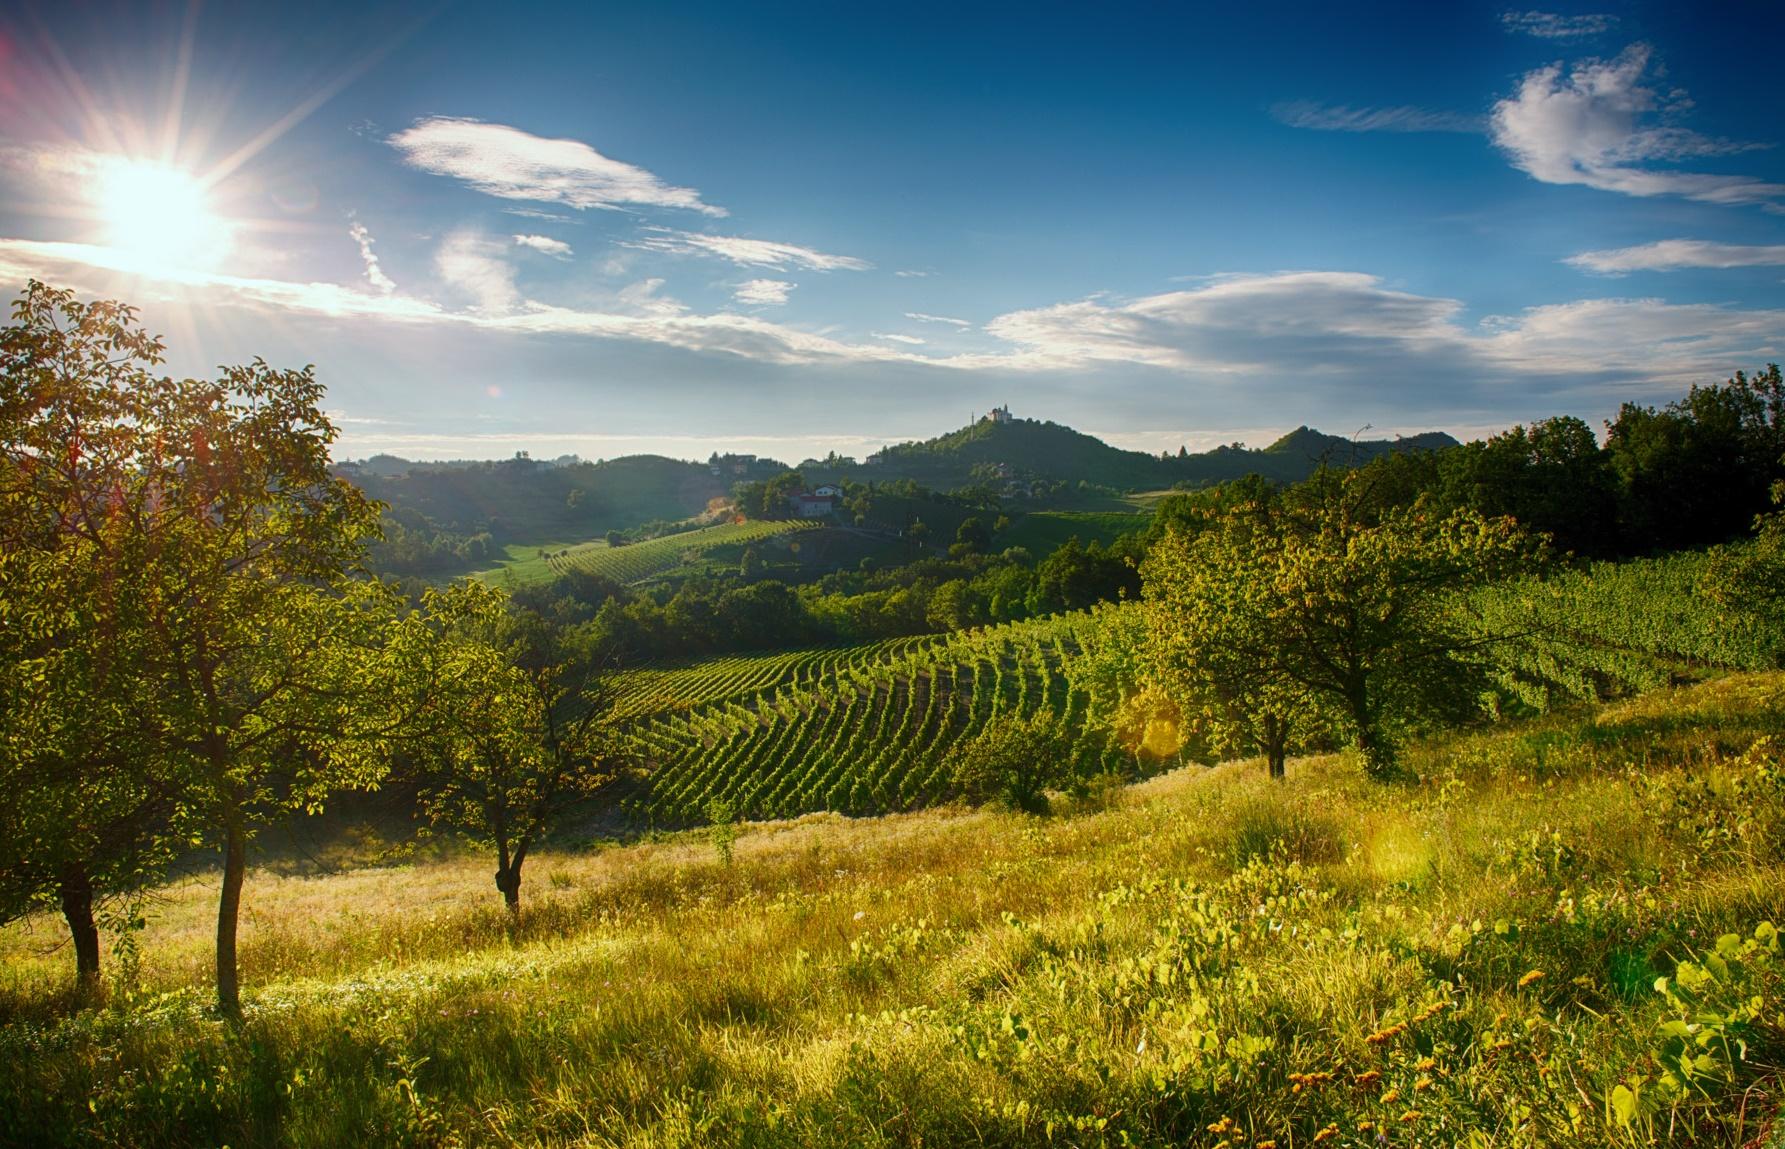 Attraverso Festival: un viaggio nelle terre di mezzo tra Langhe, Roero, Monferrato e Appennino Piemontese .